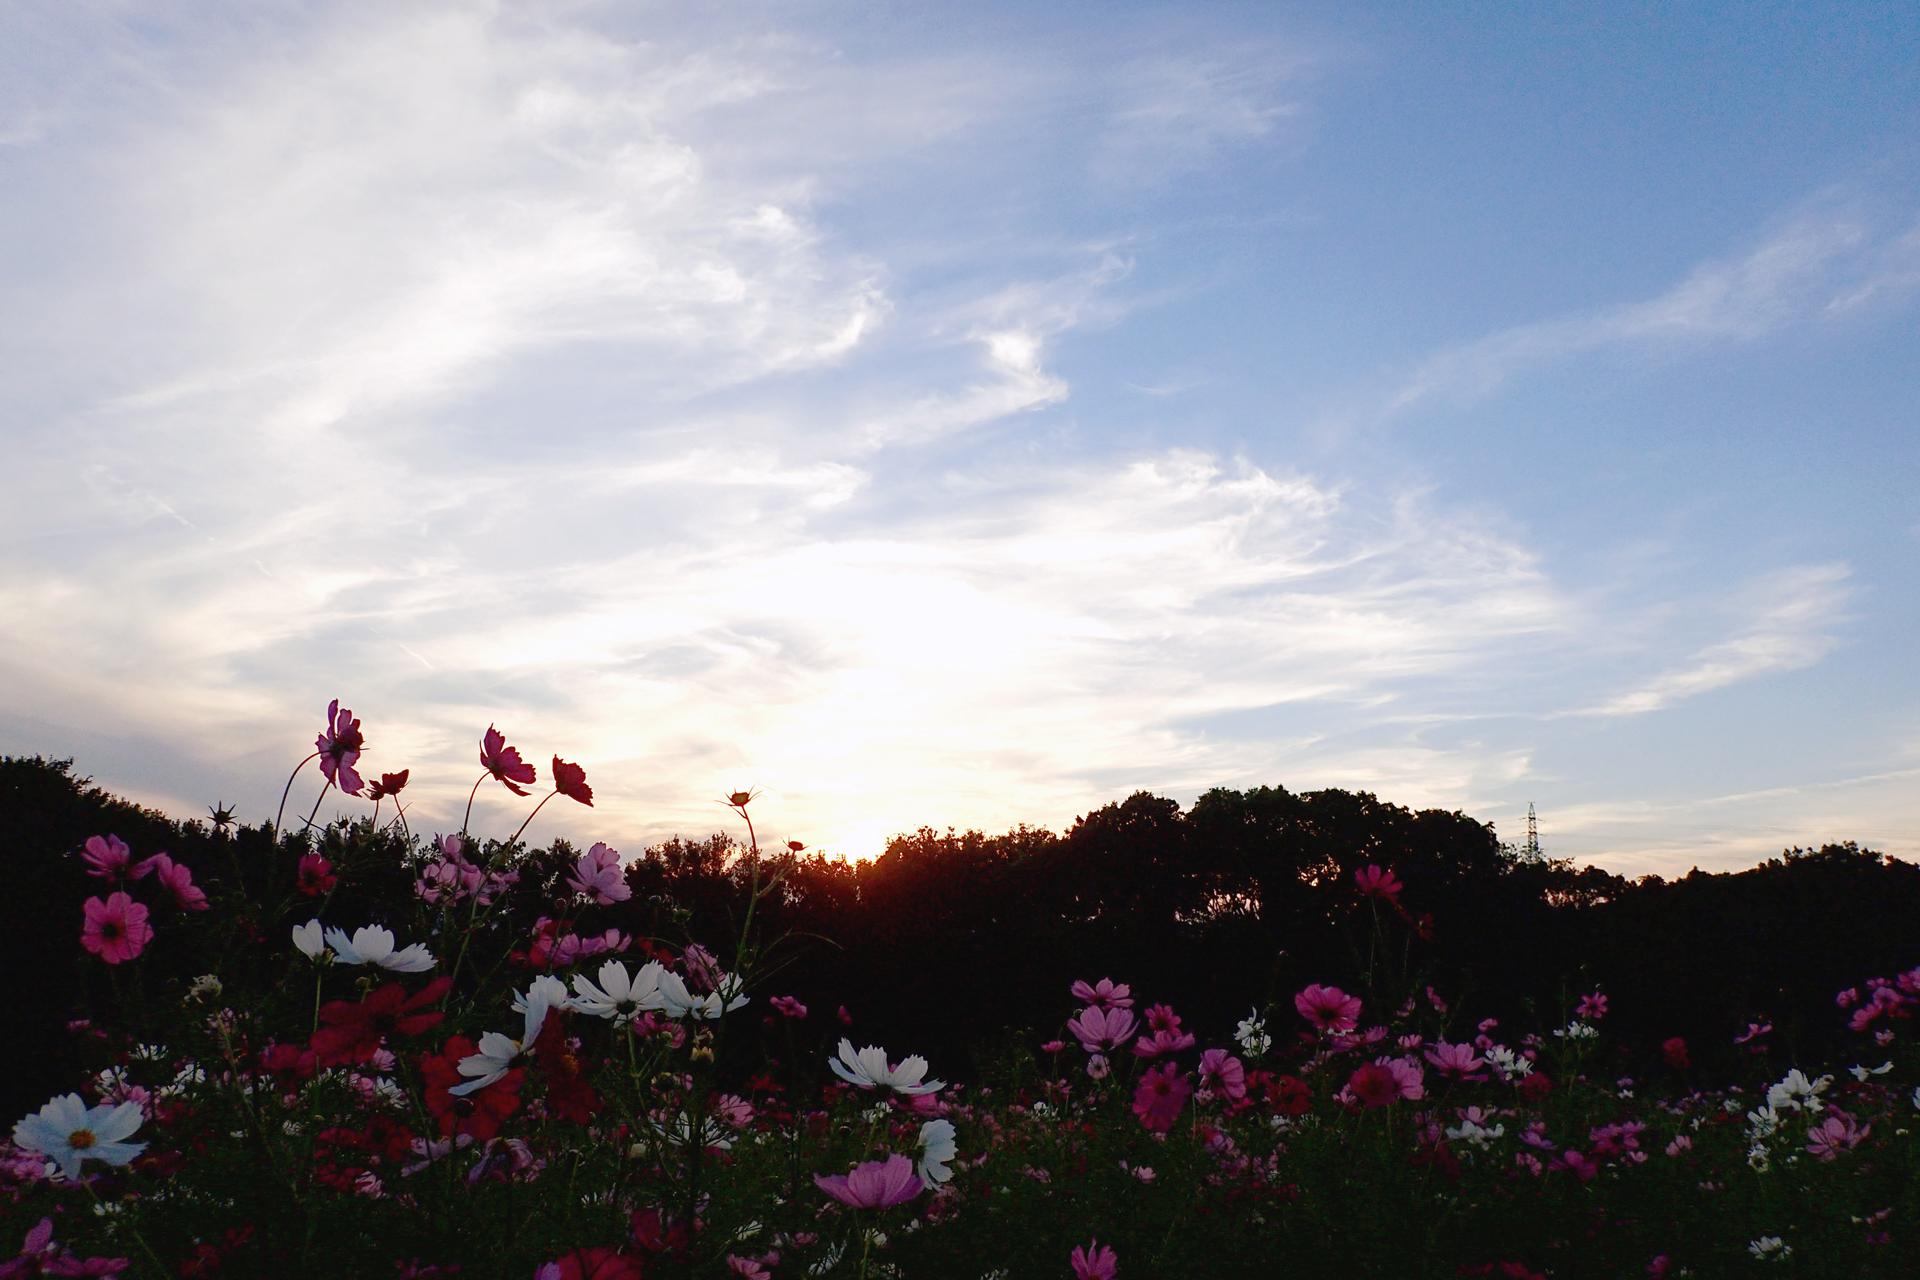 万博記念公園 コスモス